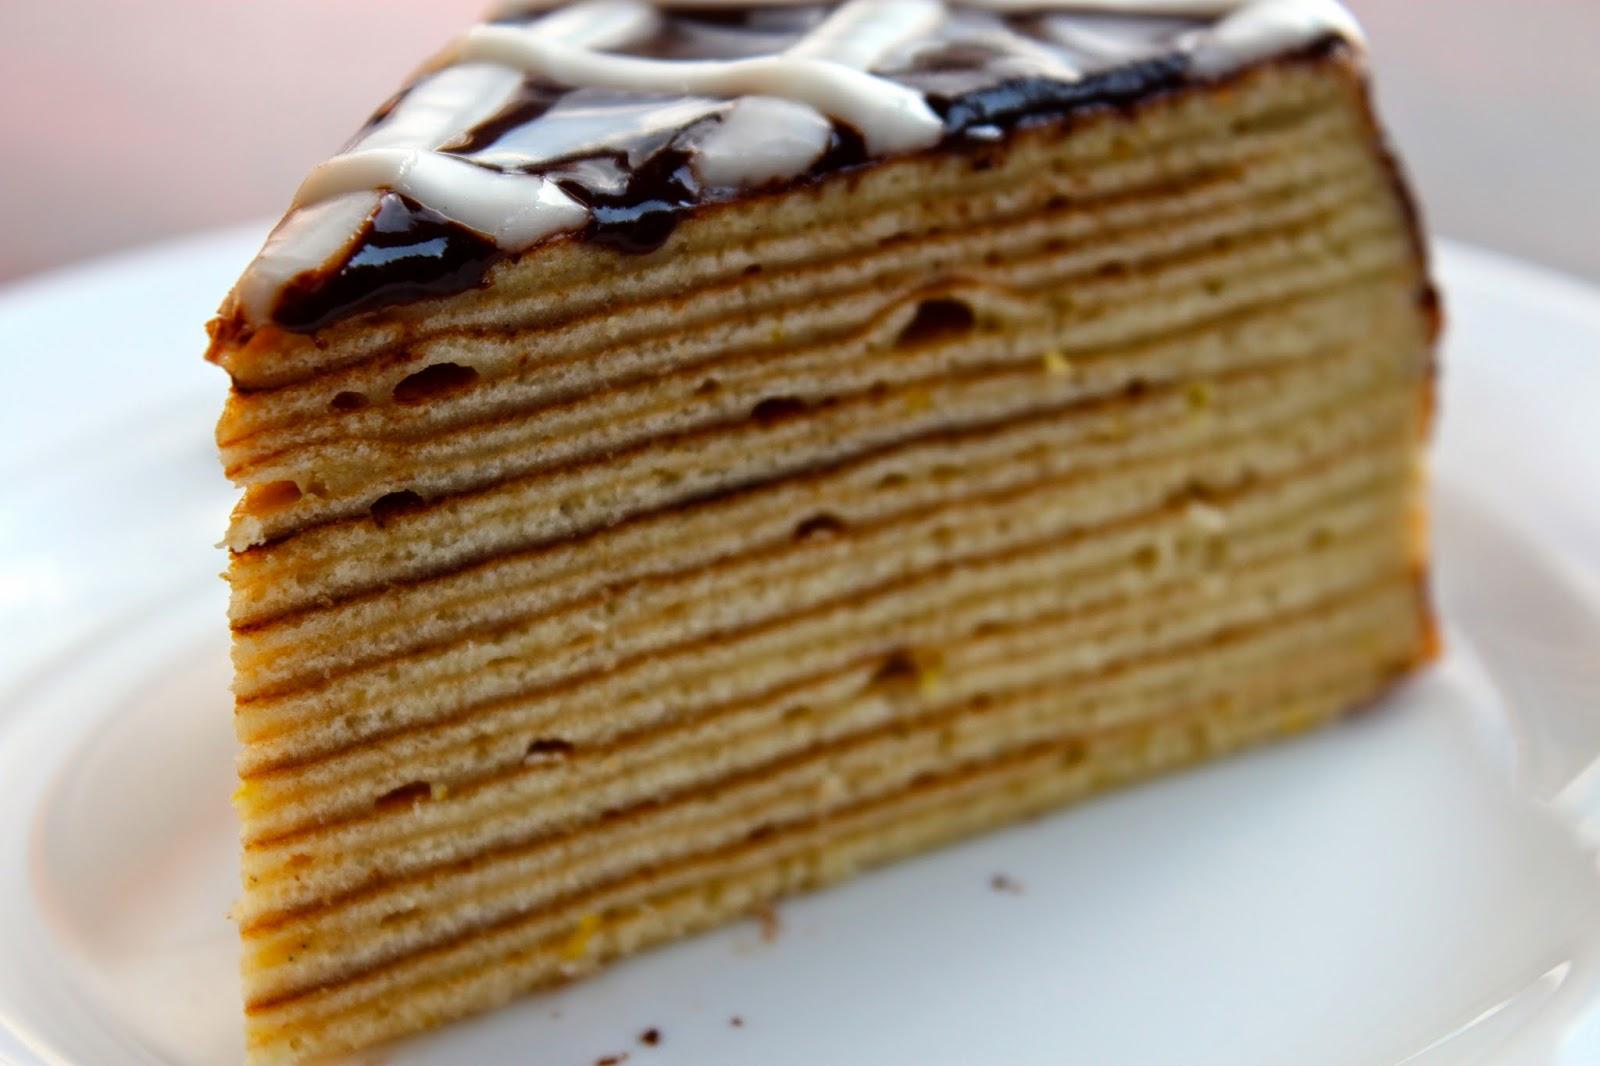 German Layered Cake Schichttorte